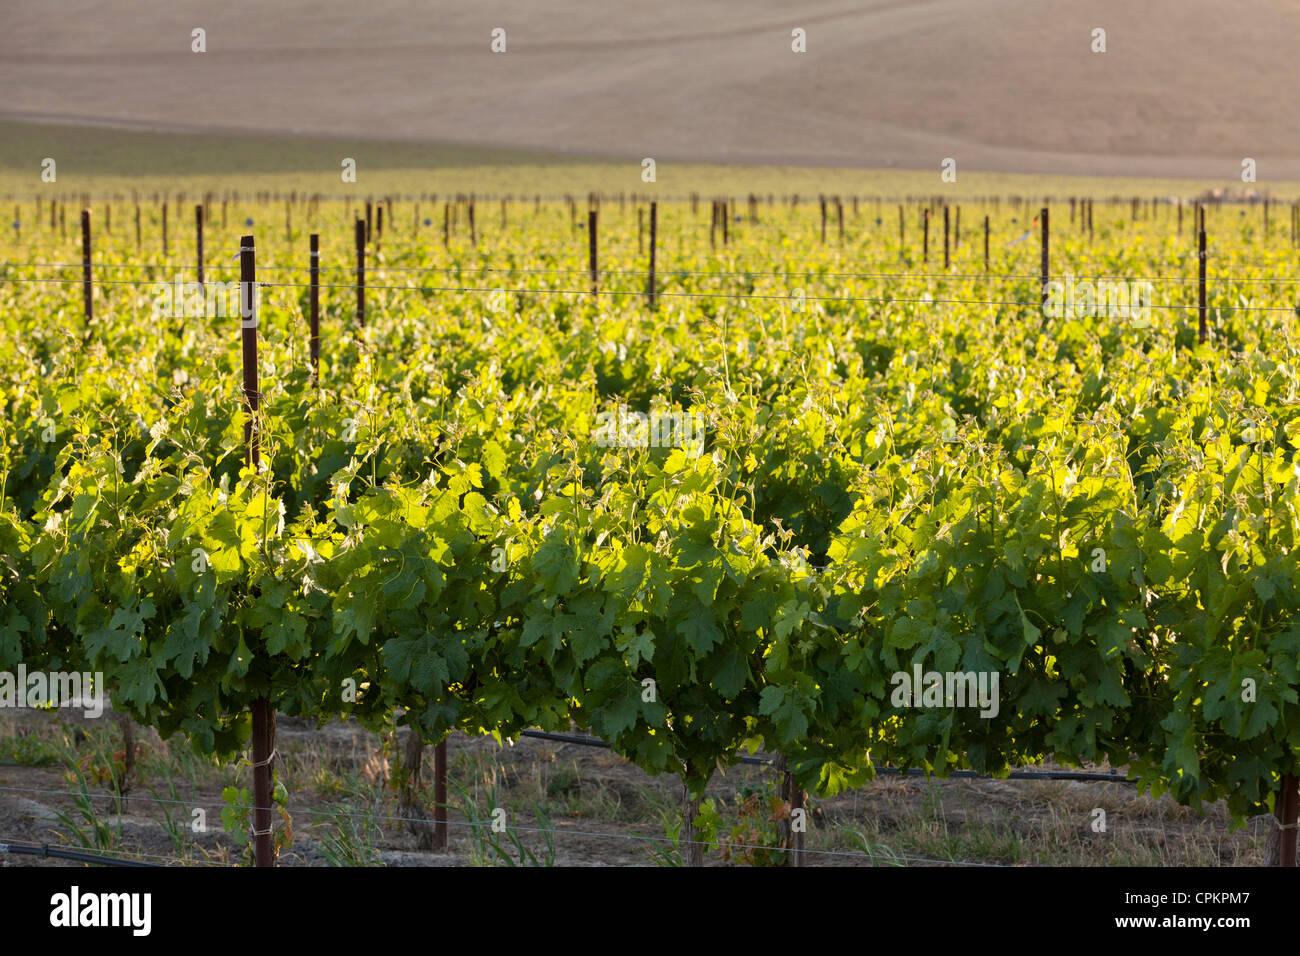 California central valley vineyard in spring - San Luis Obispo County, California USA Stock Photo